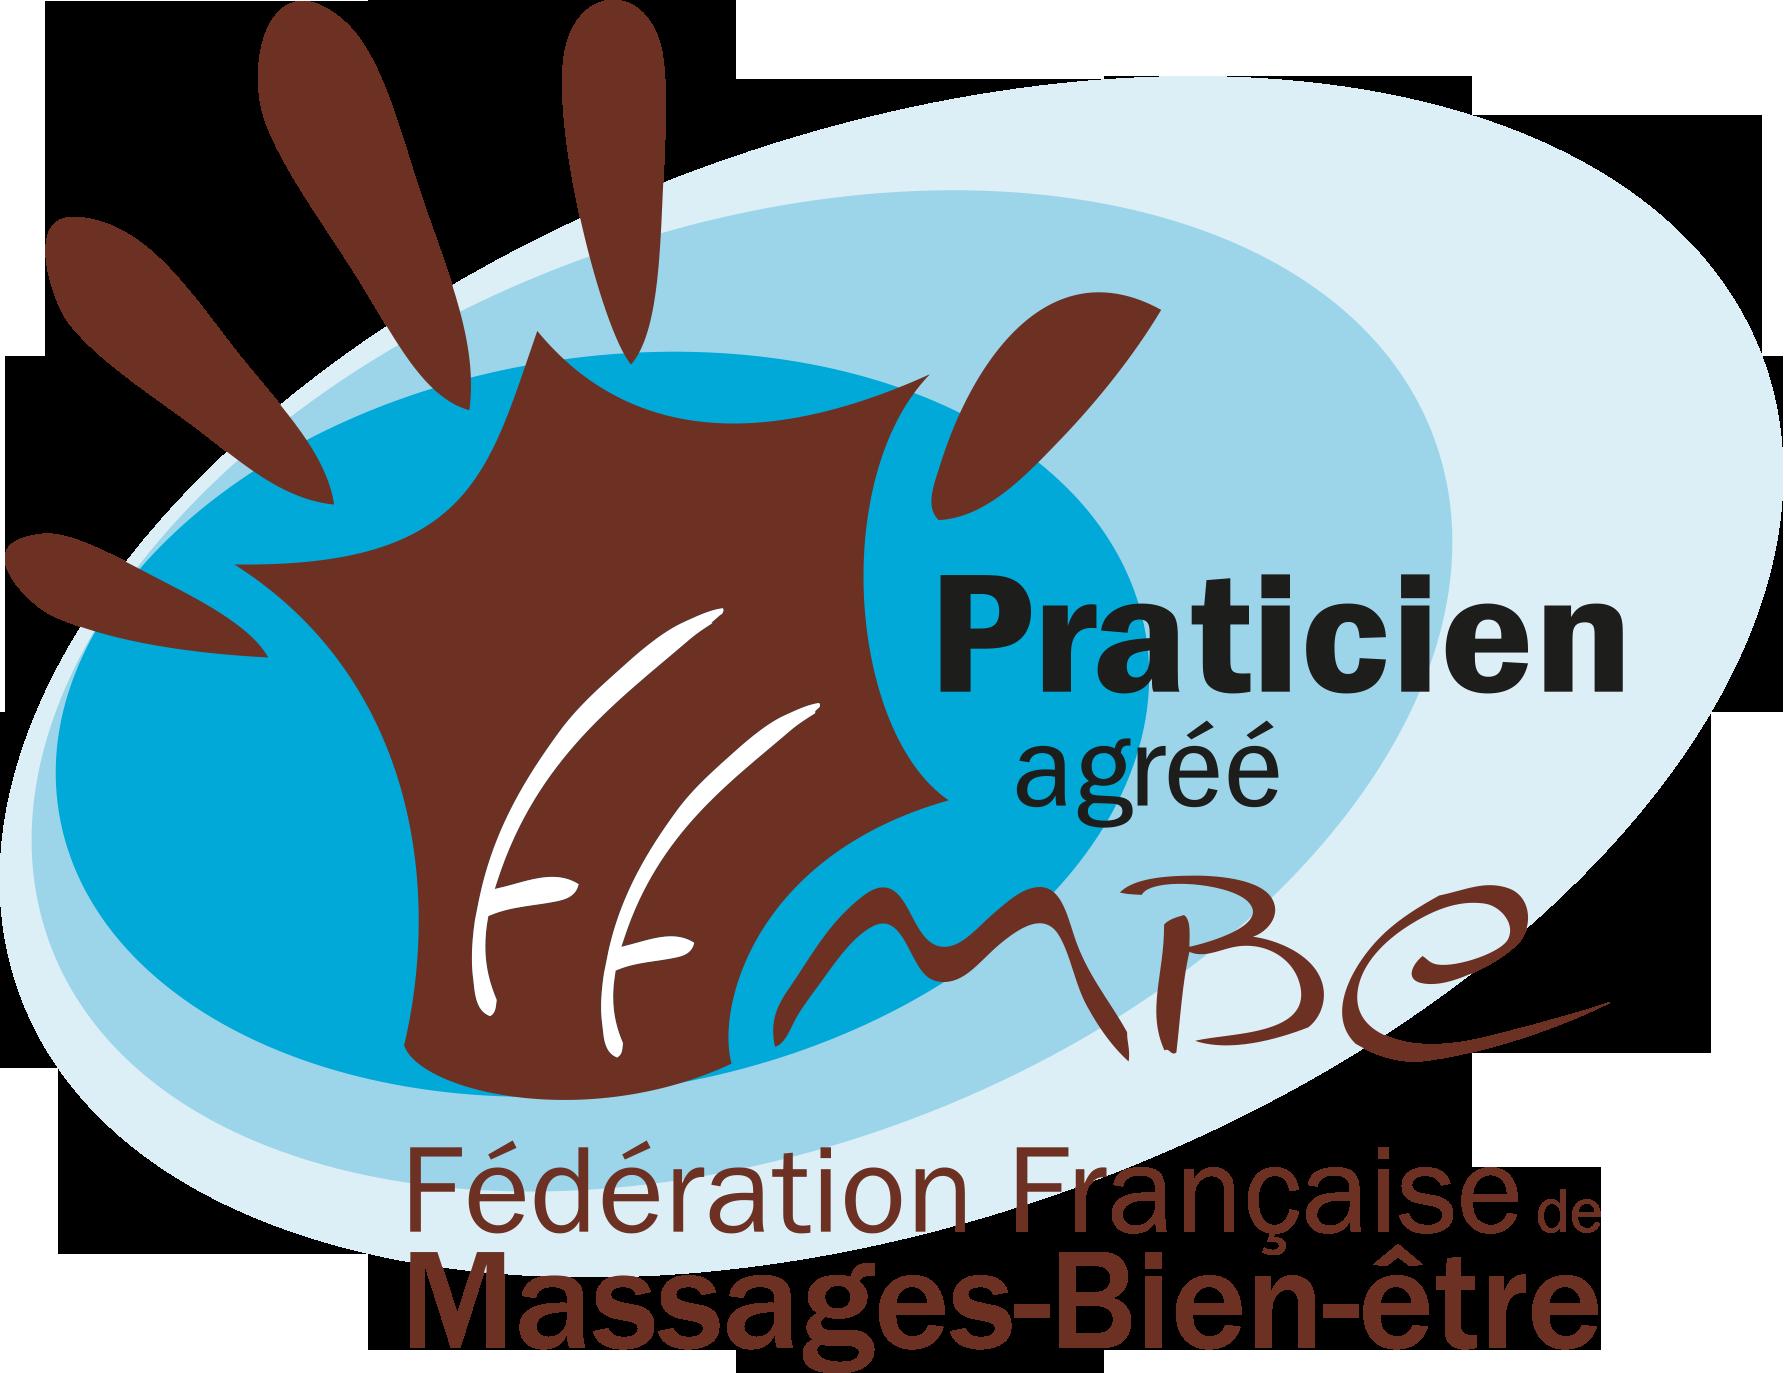 Logo de la fédération française de Massages-Bien-être